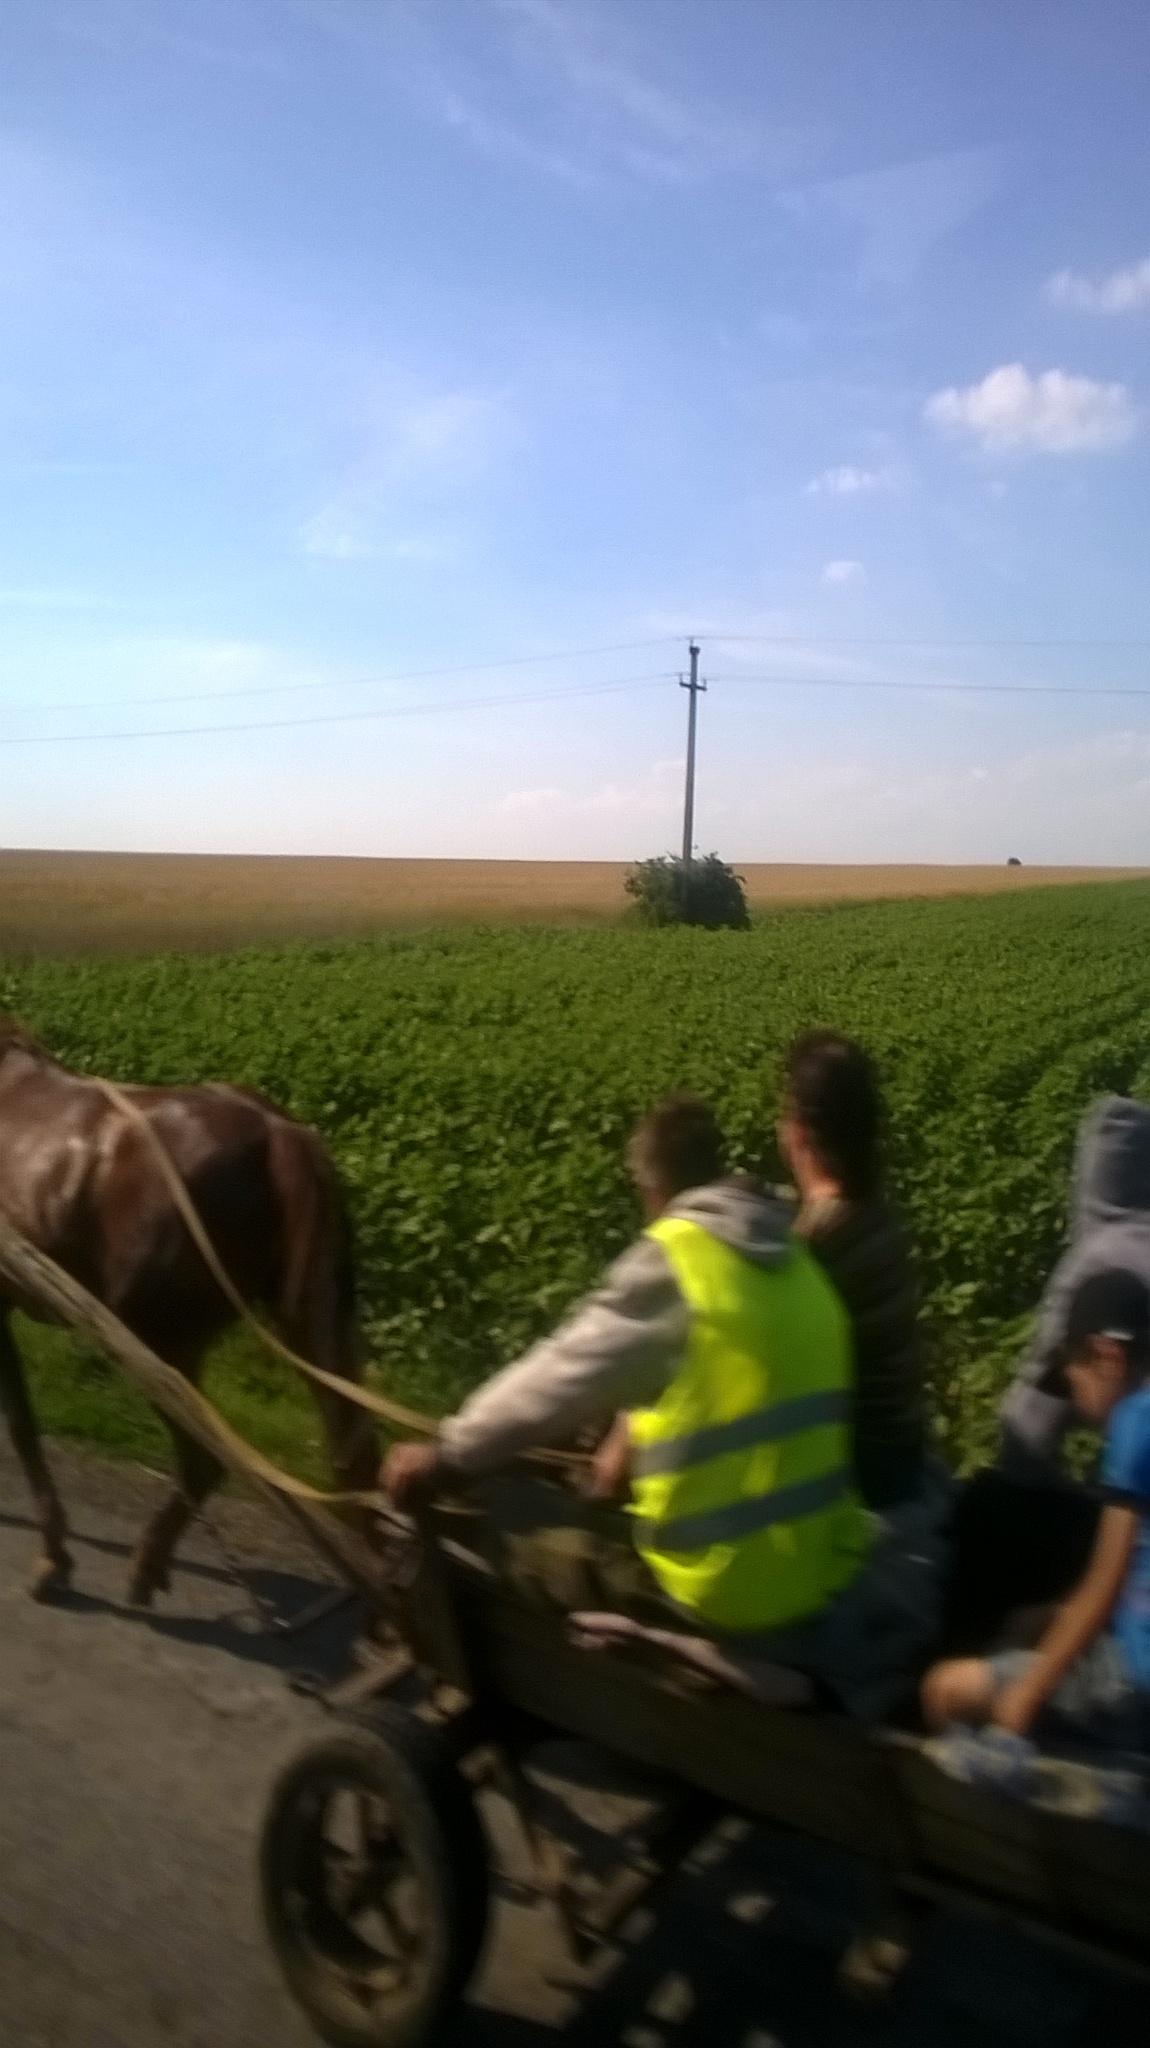 hahaha...ride by horse and cart by Ioana Dumitriu